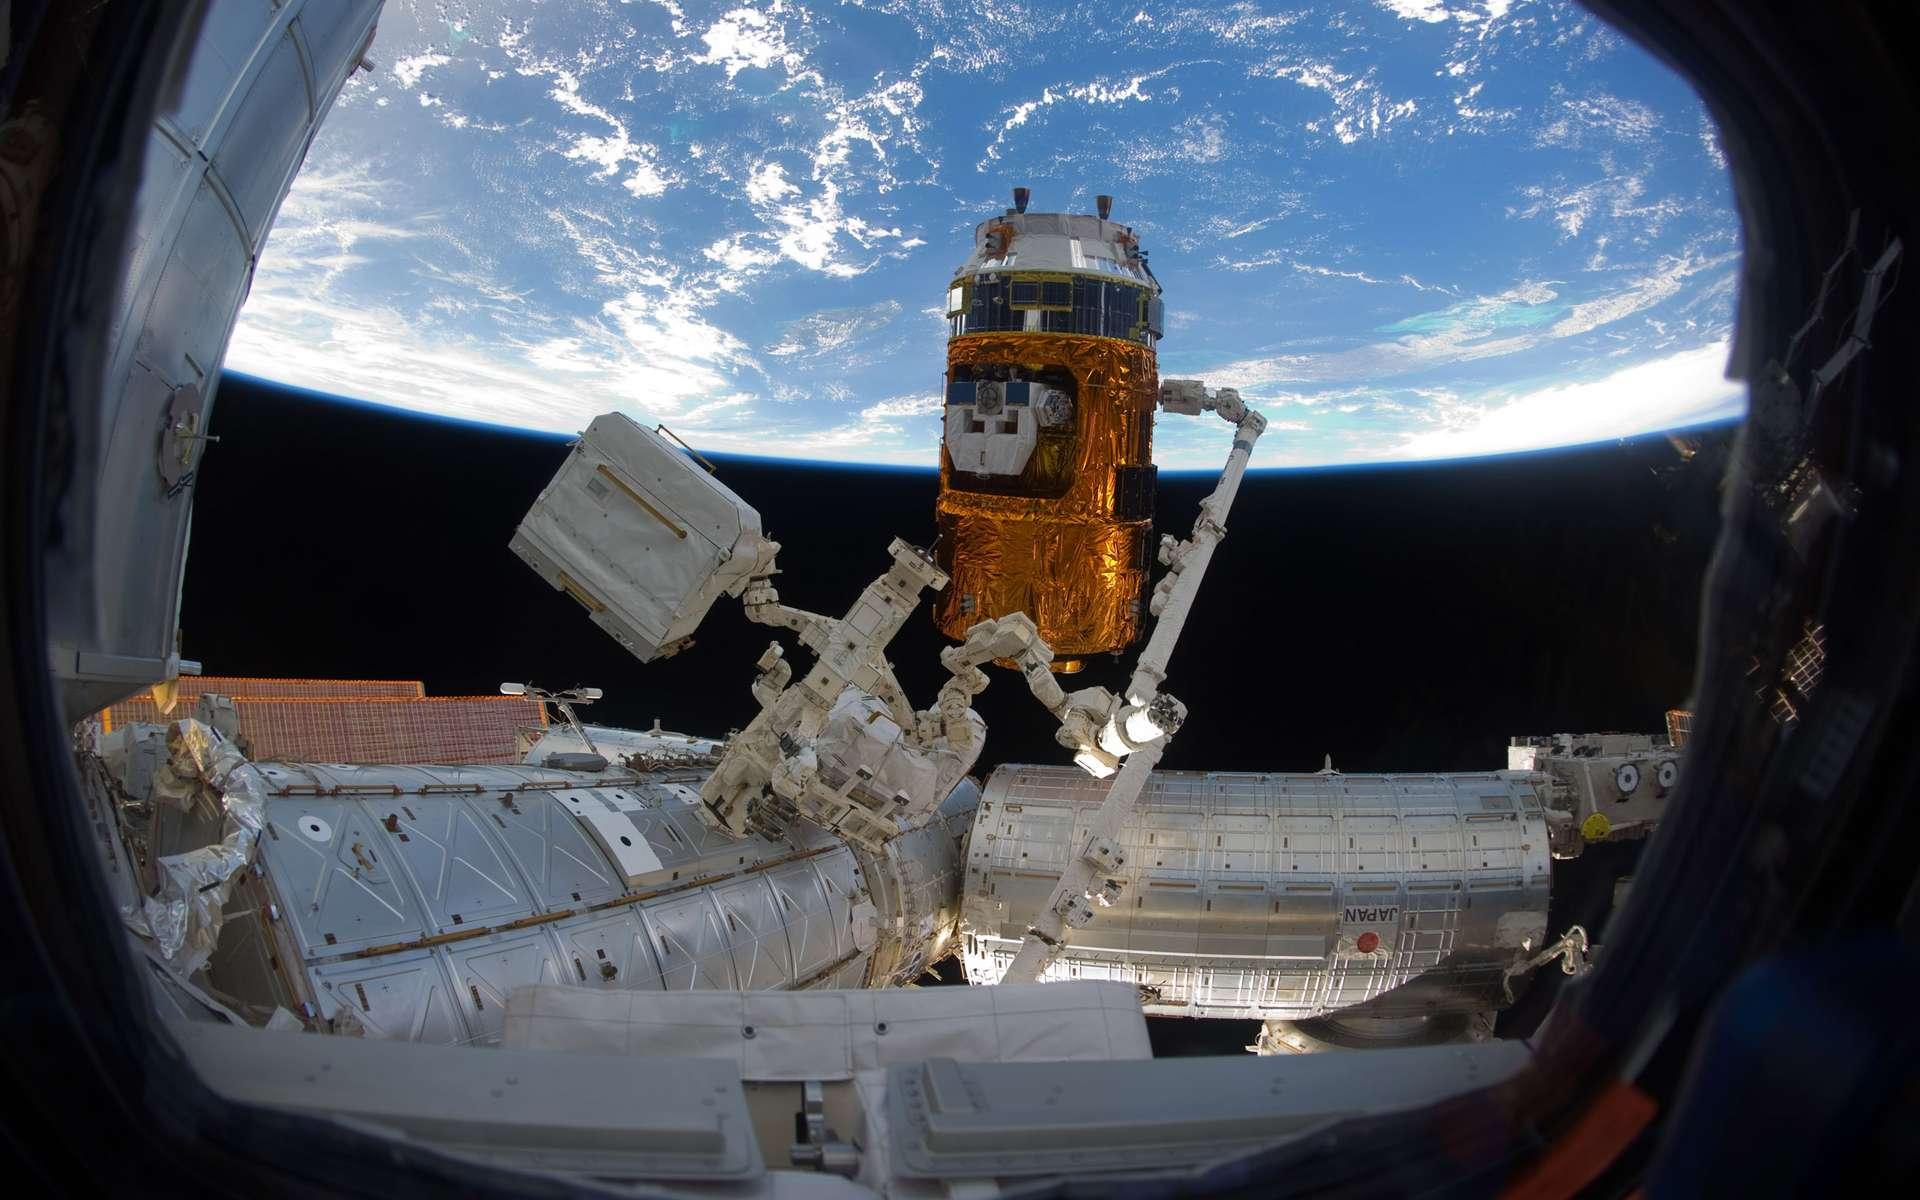 Les dégâts provoqués par le tremblement de terre ont contraint la Jaxa à fermer le centre spatial de Tsukuba d'où sont gérées les installations nippones de la Station. Le laboratoire scientifique Kibo et l'HTV-2 (à l'image) sont maintenant contrôlés par la Nasa, depuis Houston. © Nasa